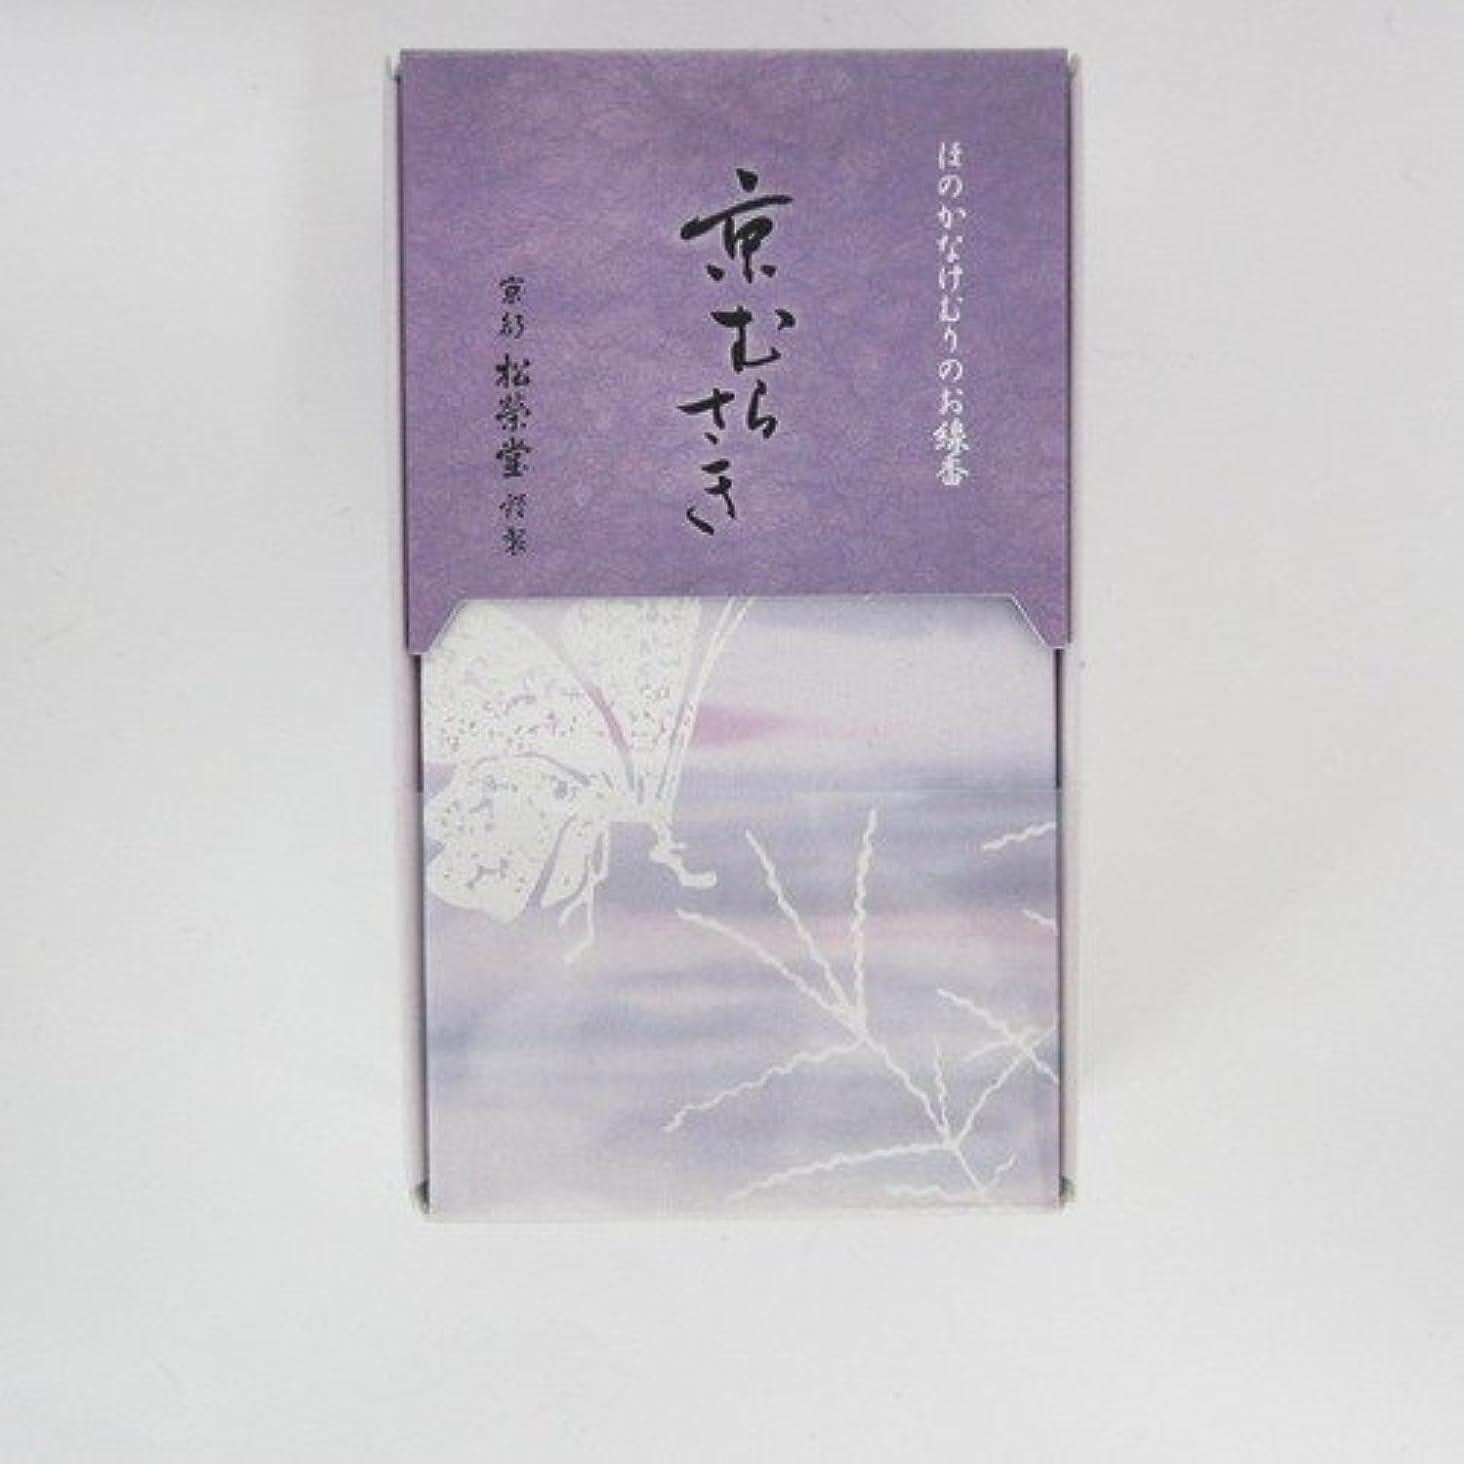 海洋良さ節約松栄堂 玉響シリーズ 京むらさき 45g